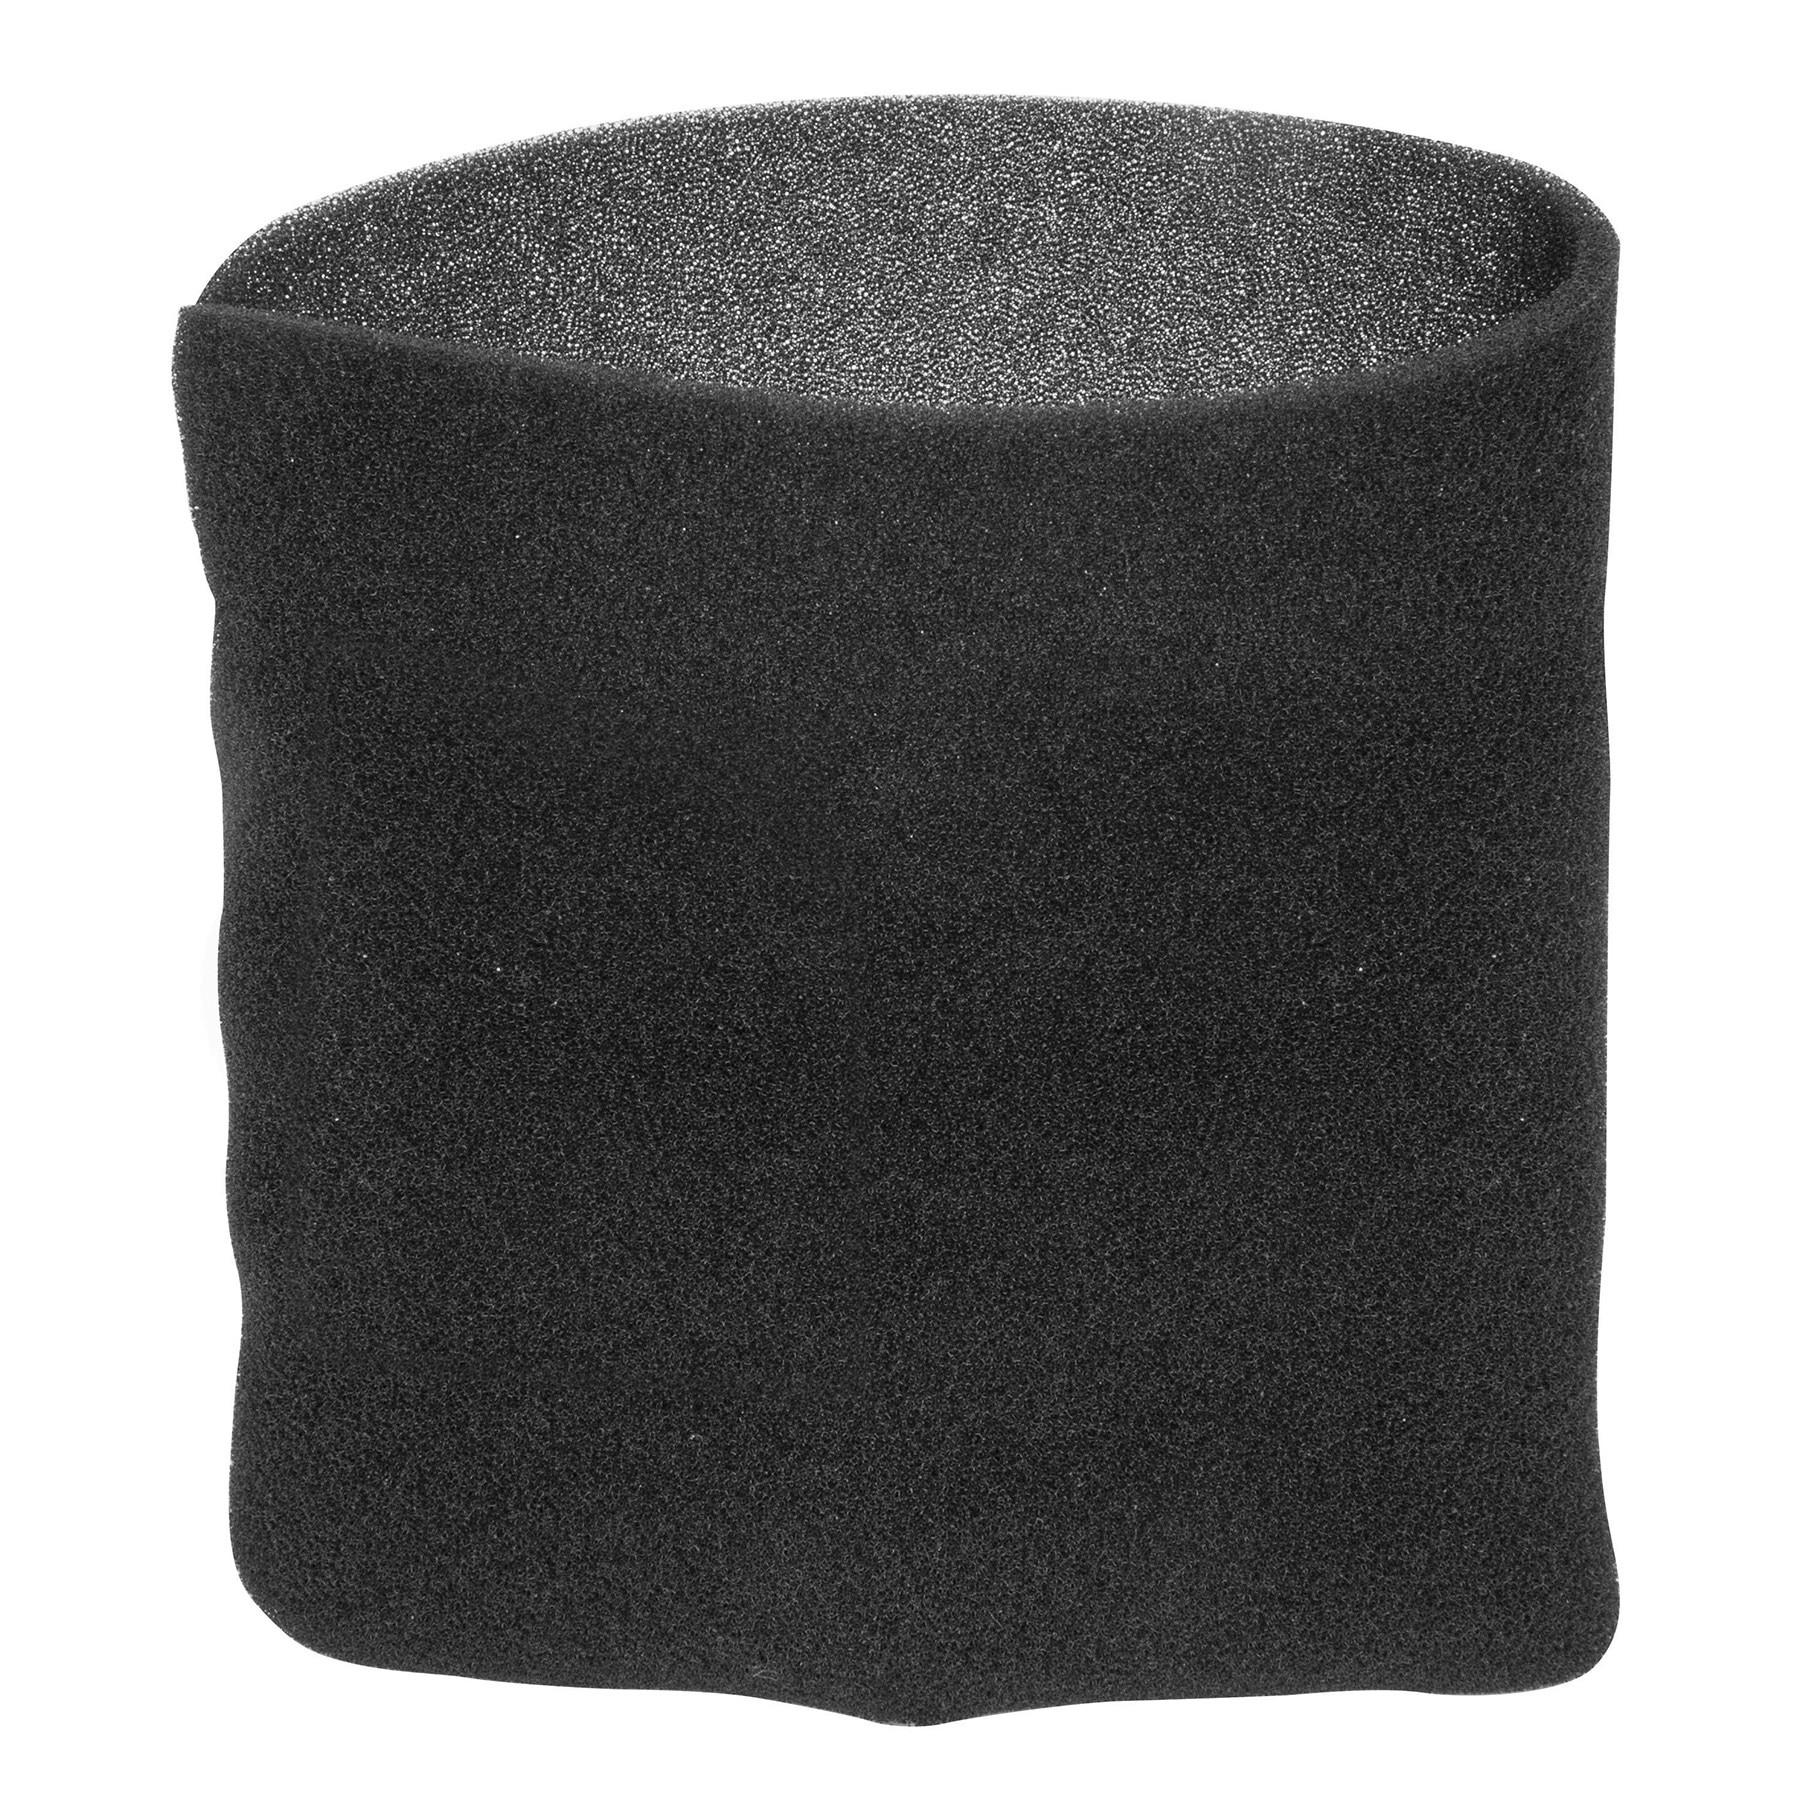 Filtro de esponja para aspiradora ASPI-08